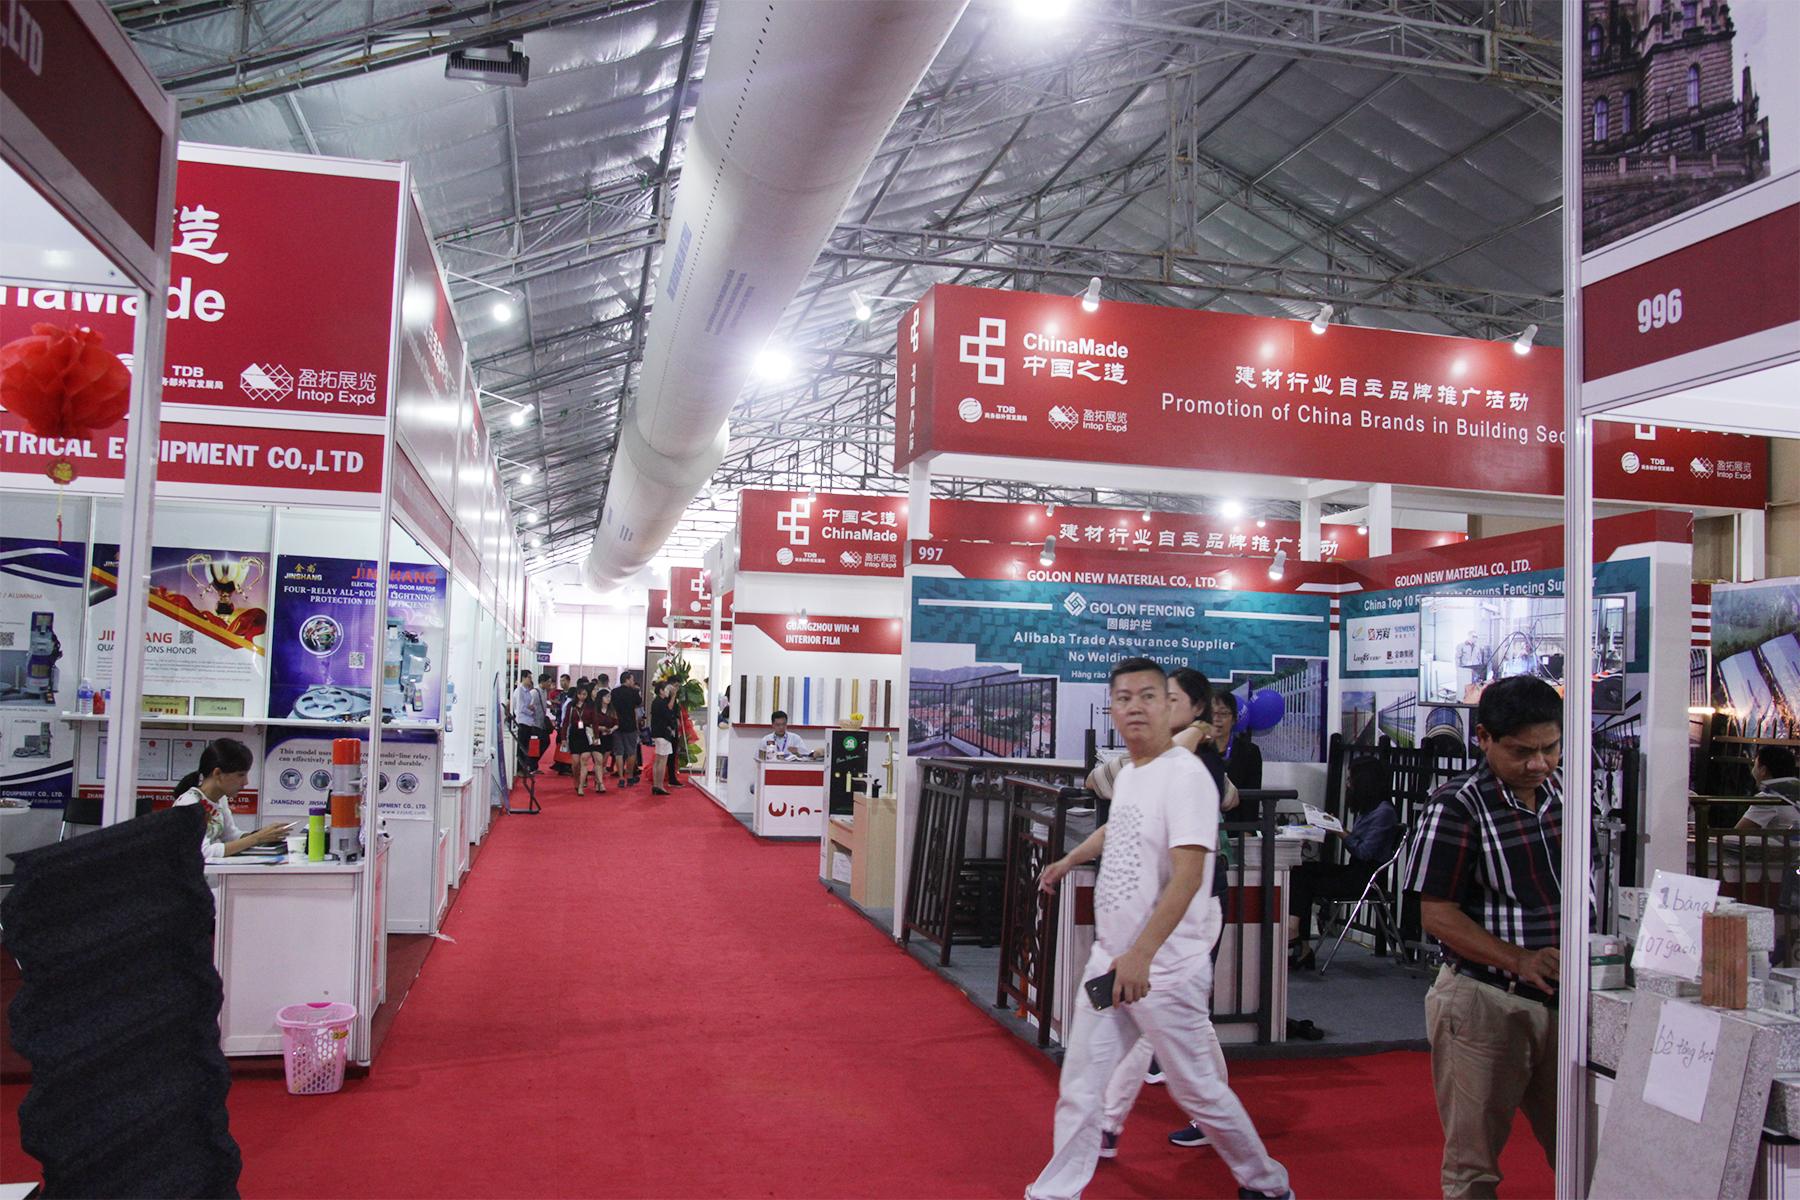 Hội chợ Thương mại Quốc tế Việt Nam 2017 có gì ?